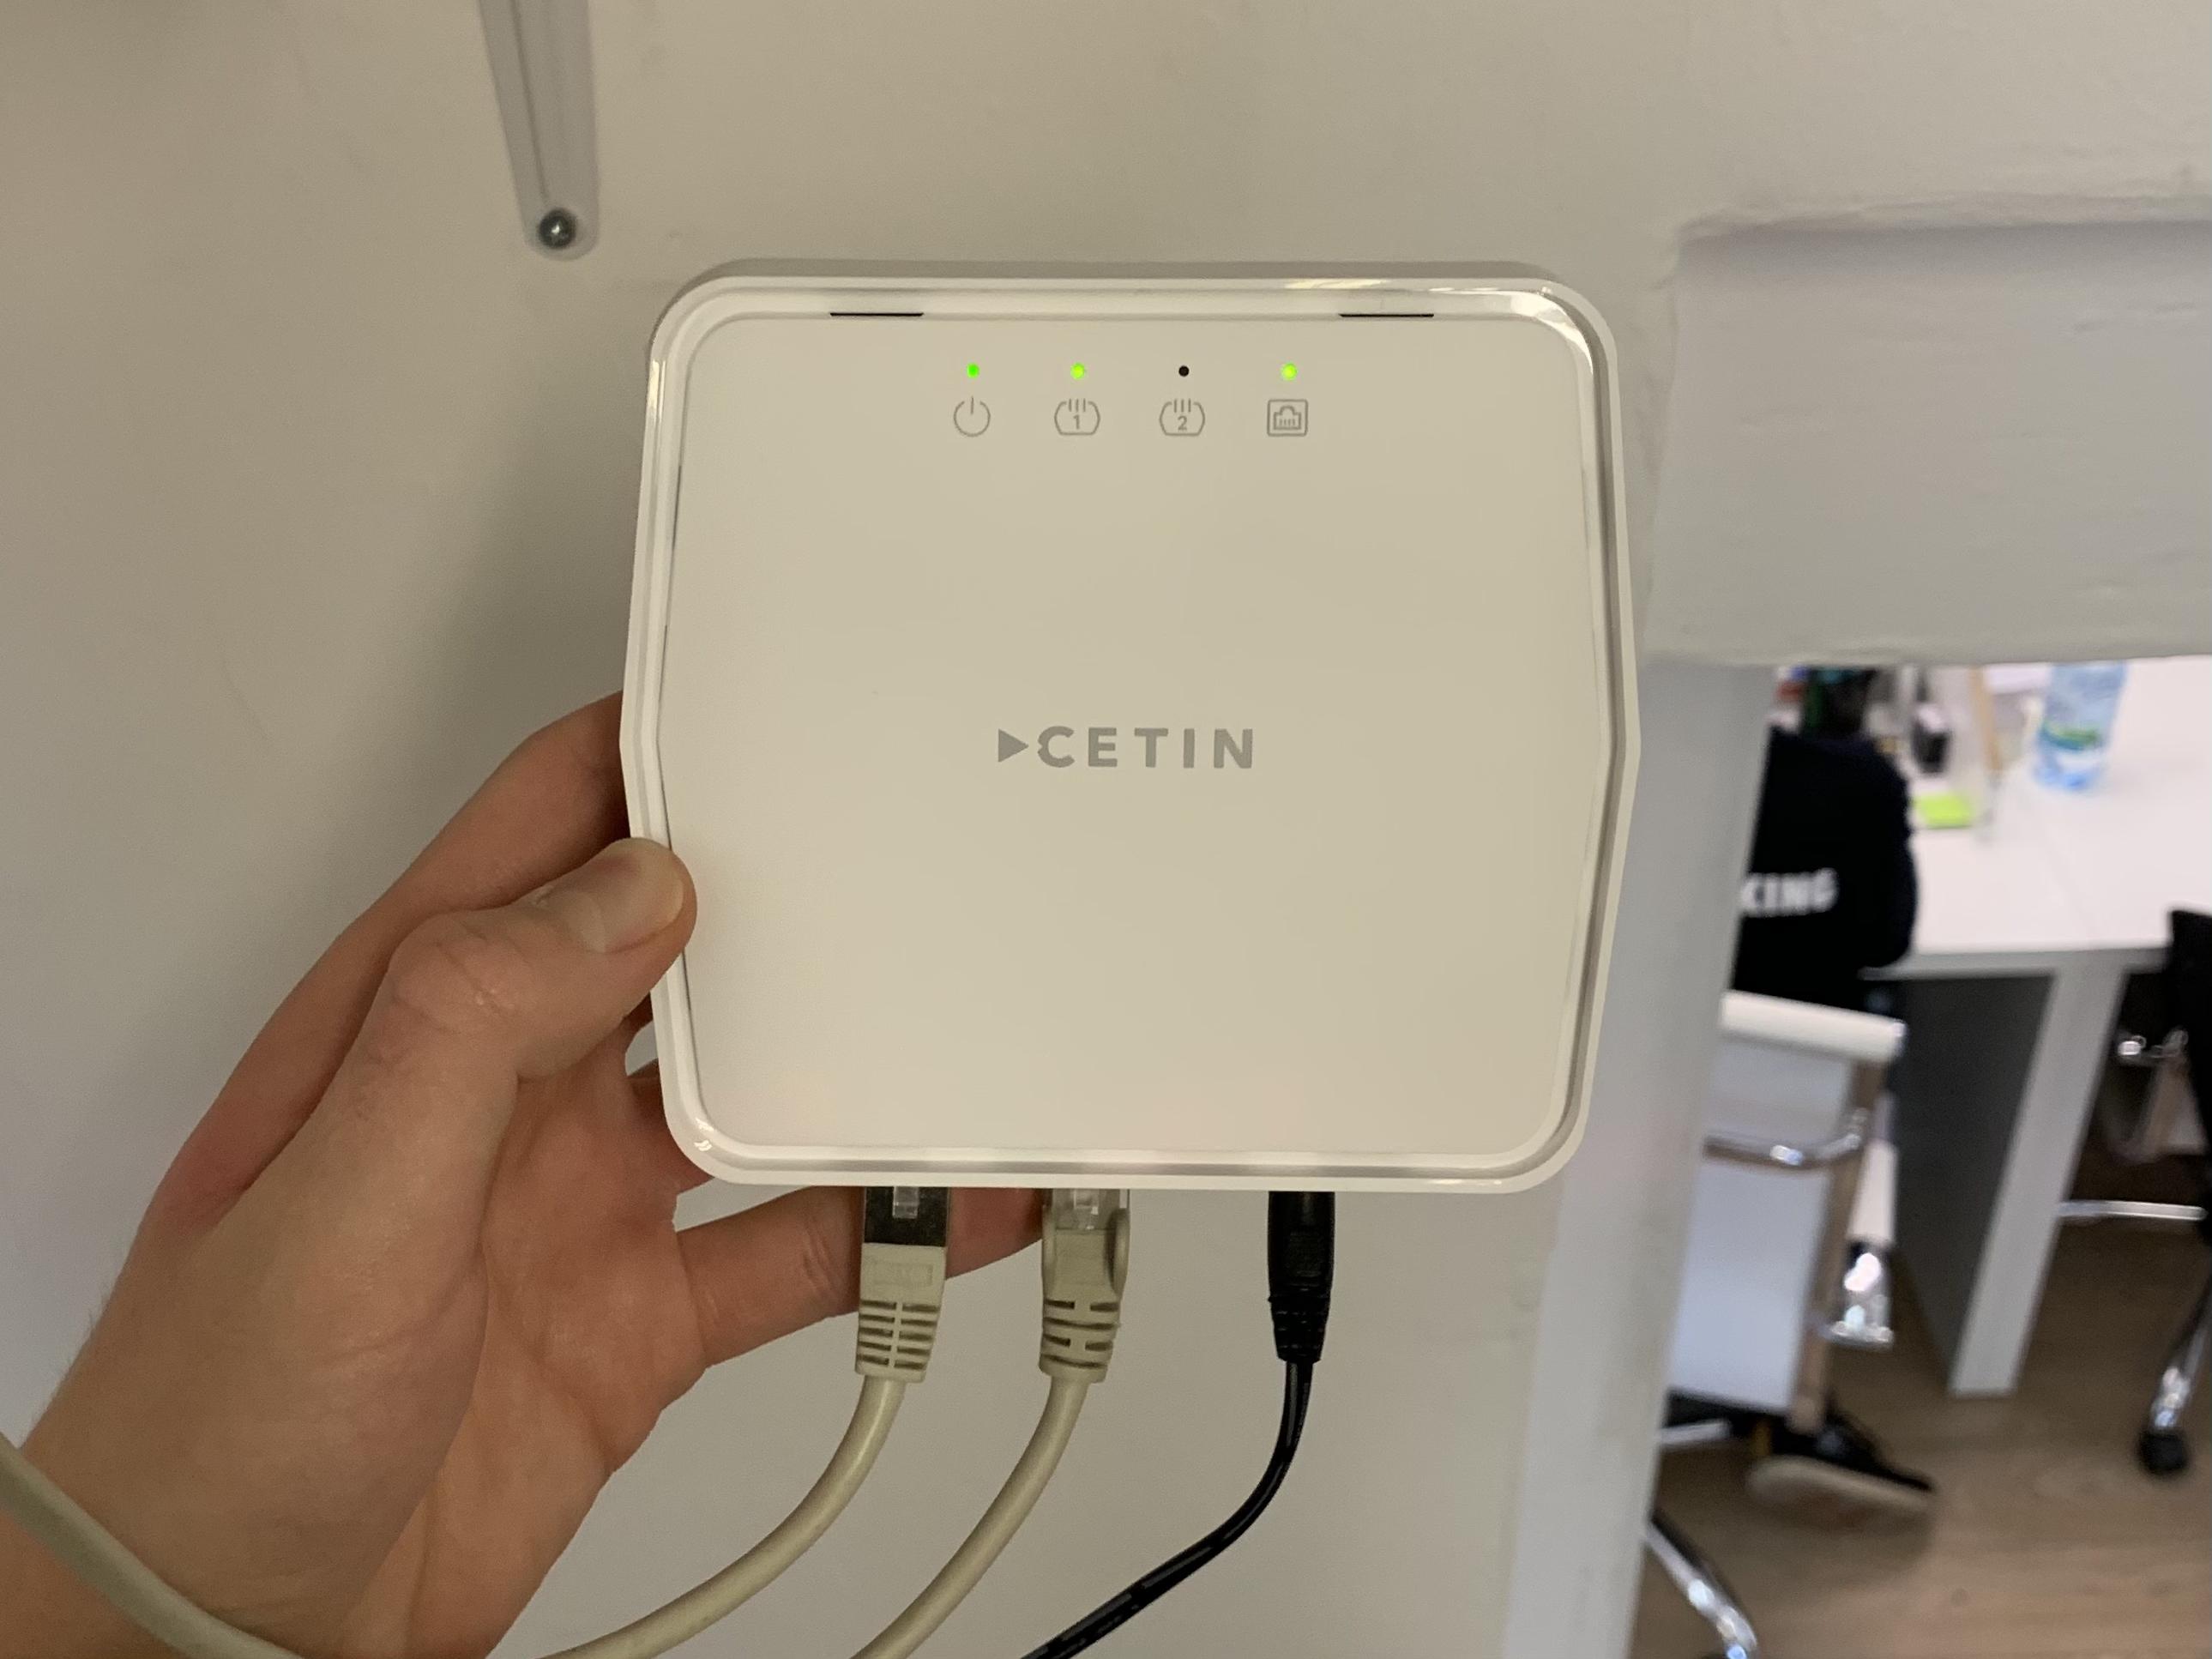 Terminátor zrychlí DSL připojení – nové zakončení sítě CETINu